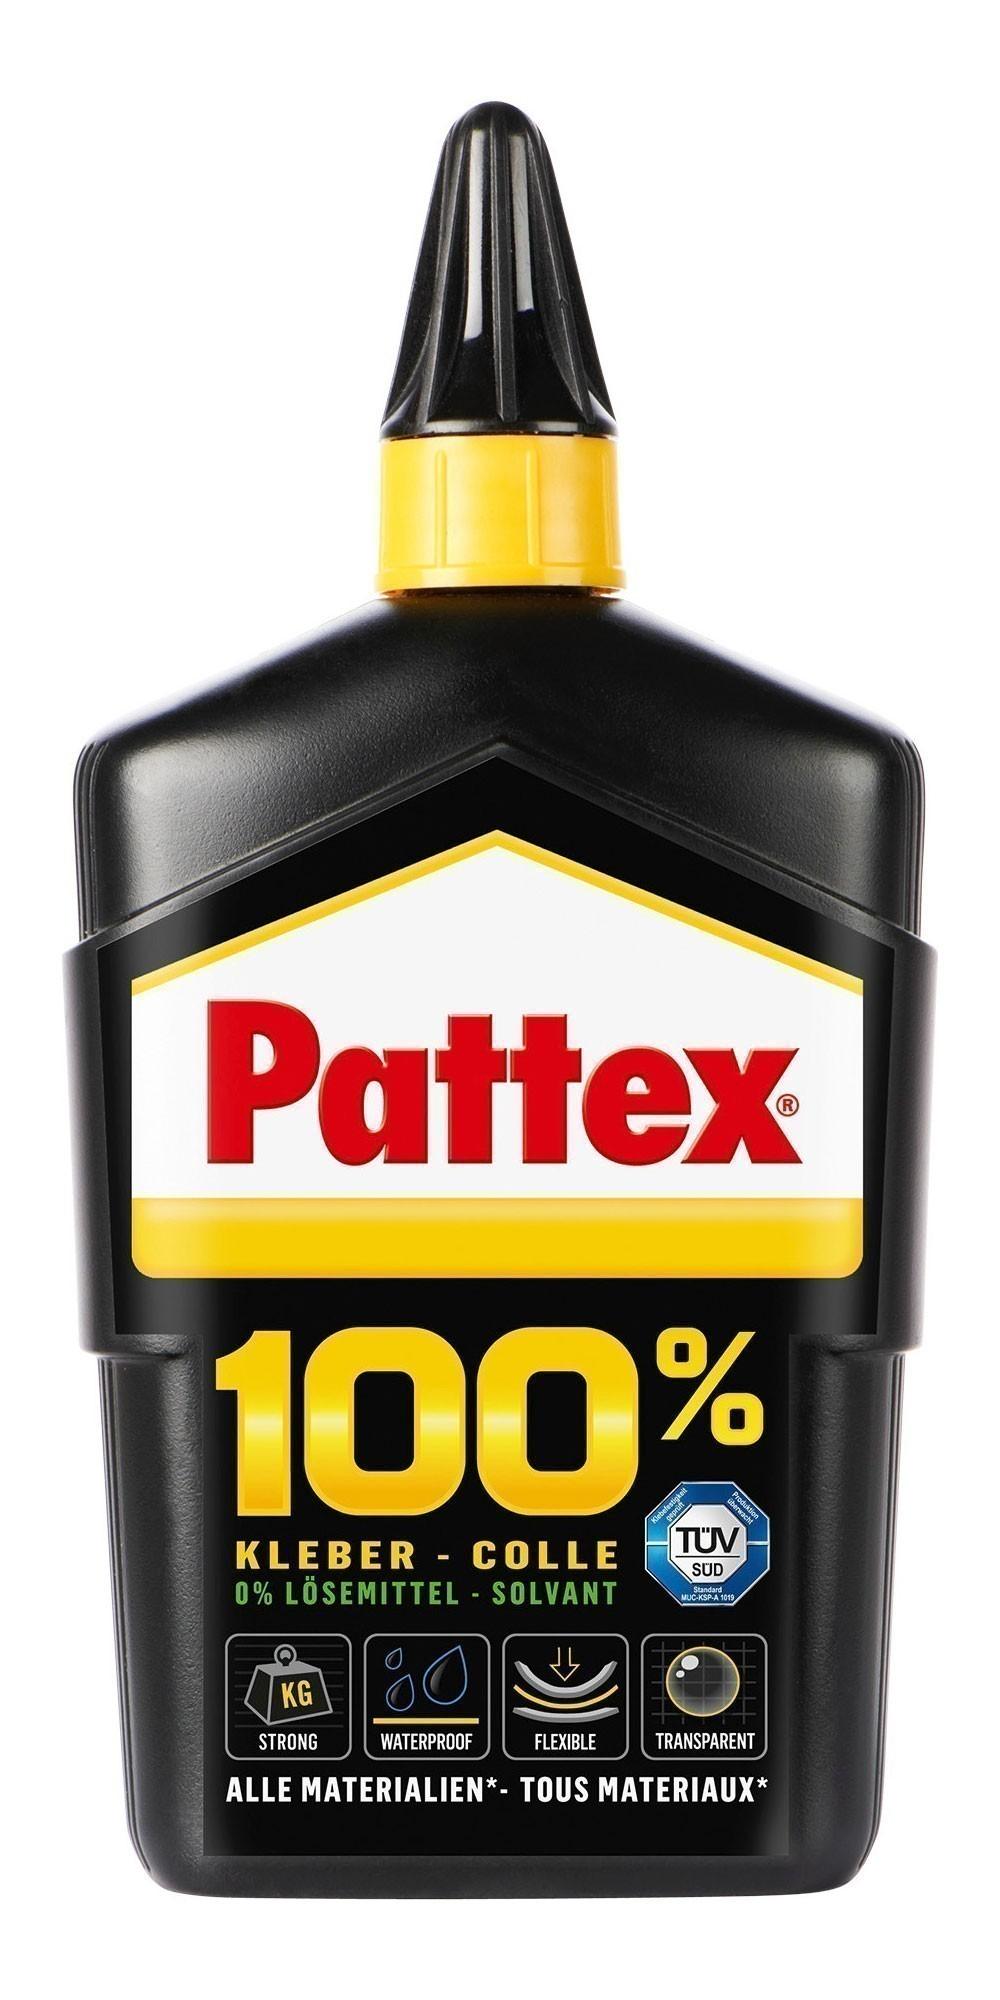 Pattex 100% Multi-Power-Kleber 200g Bild 1